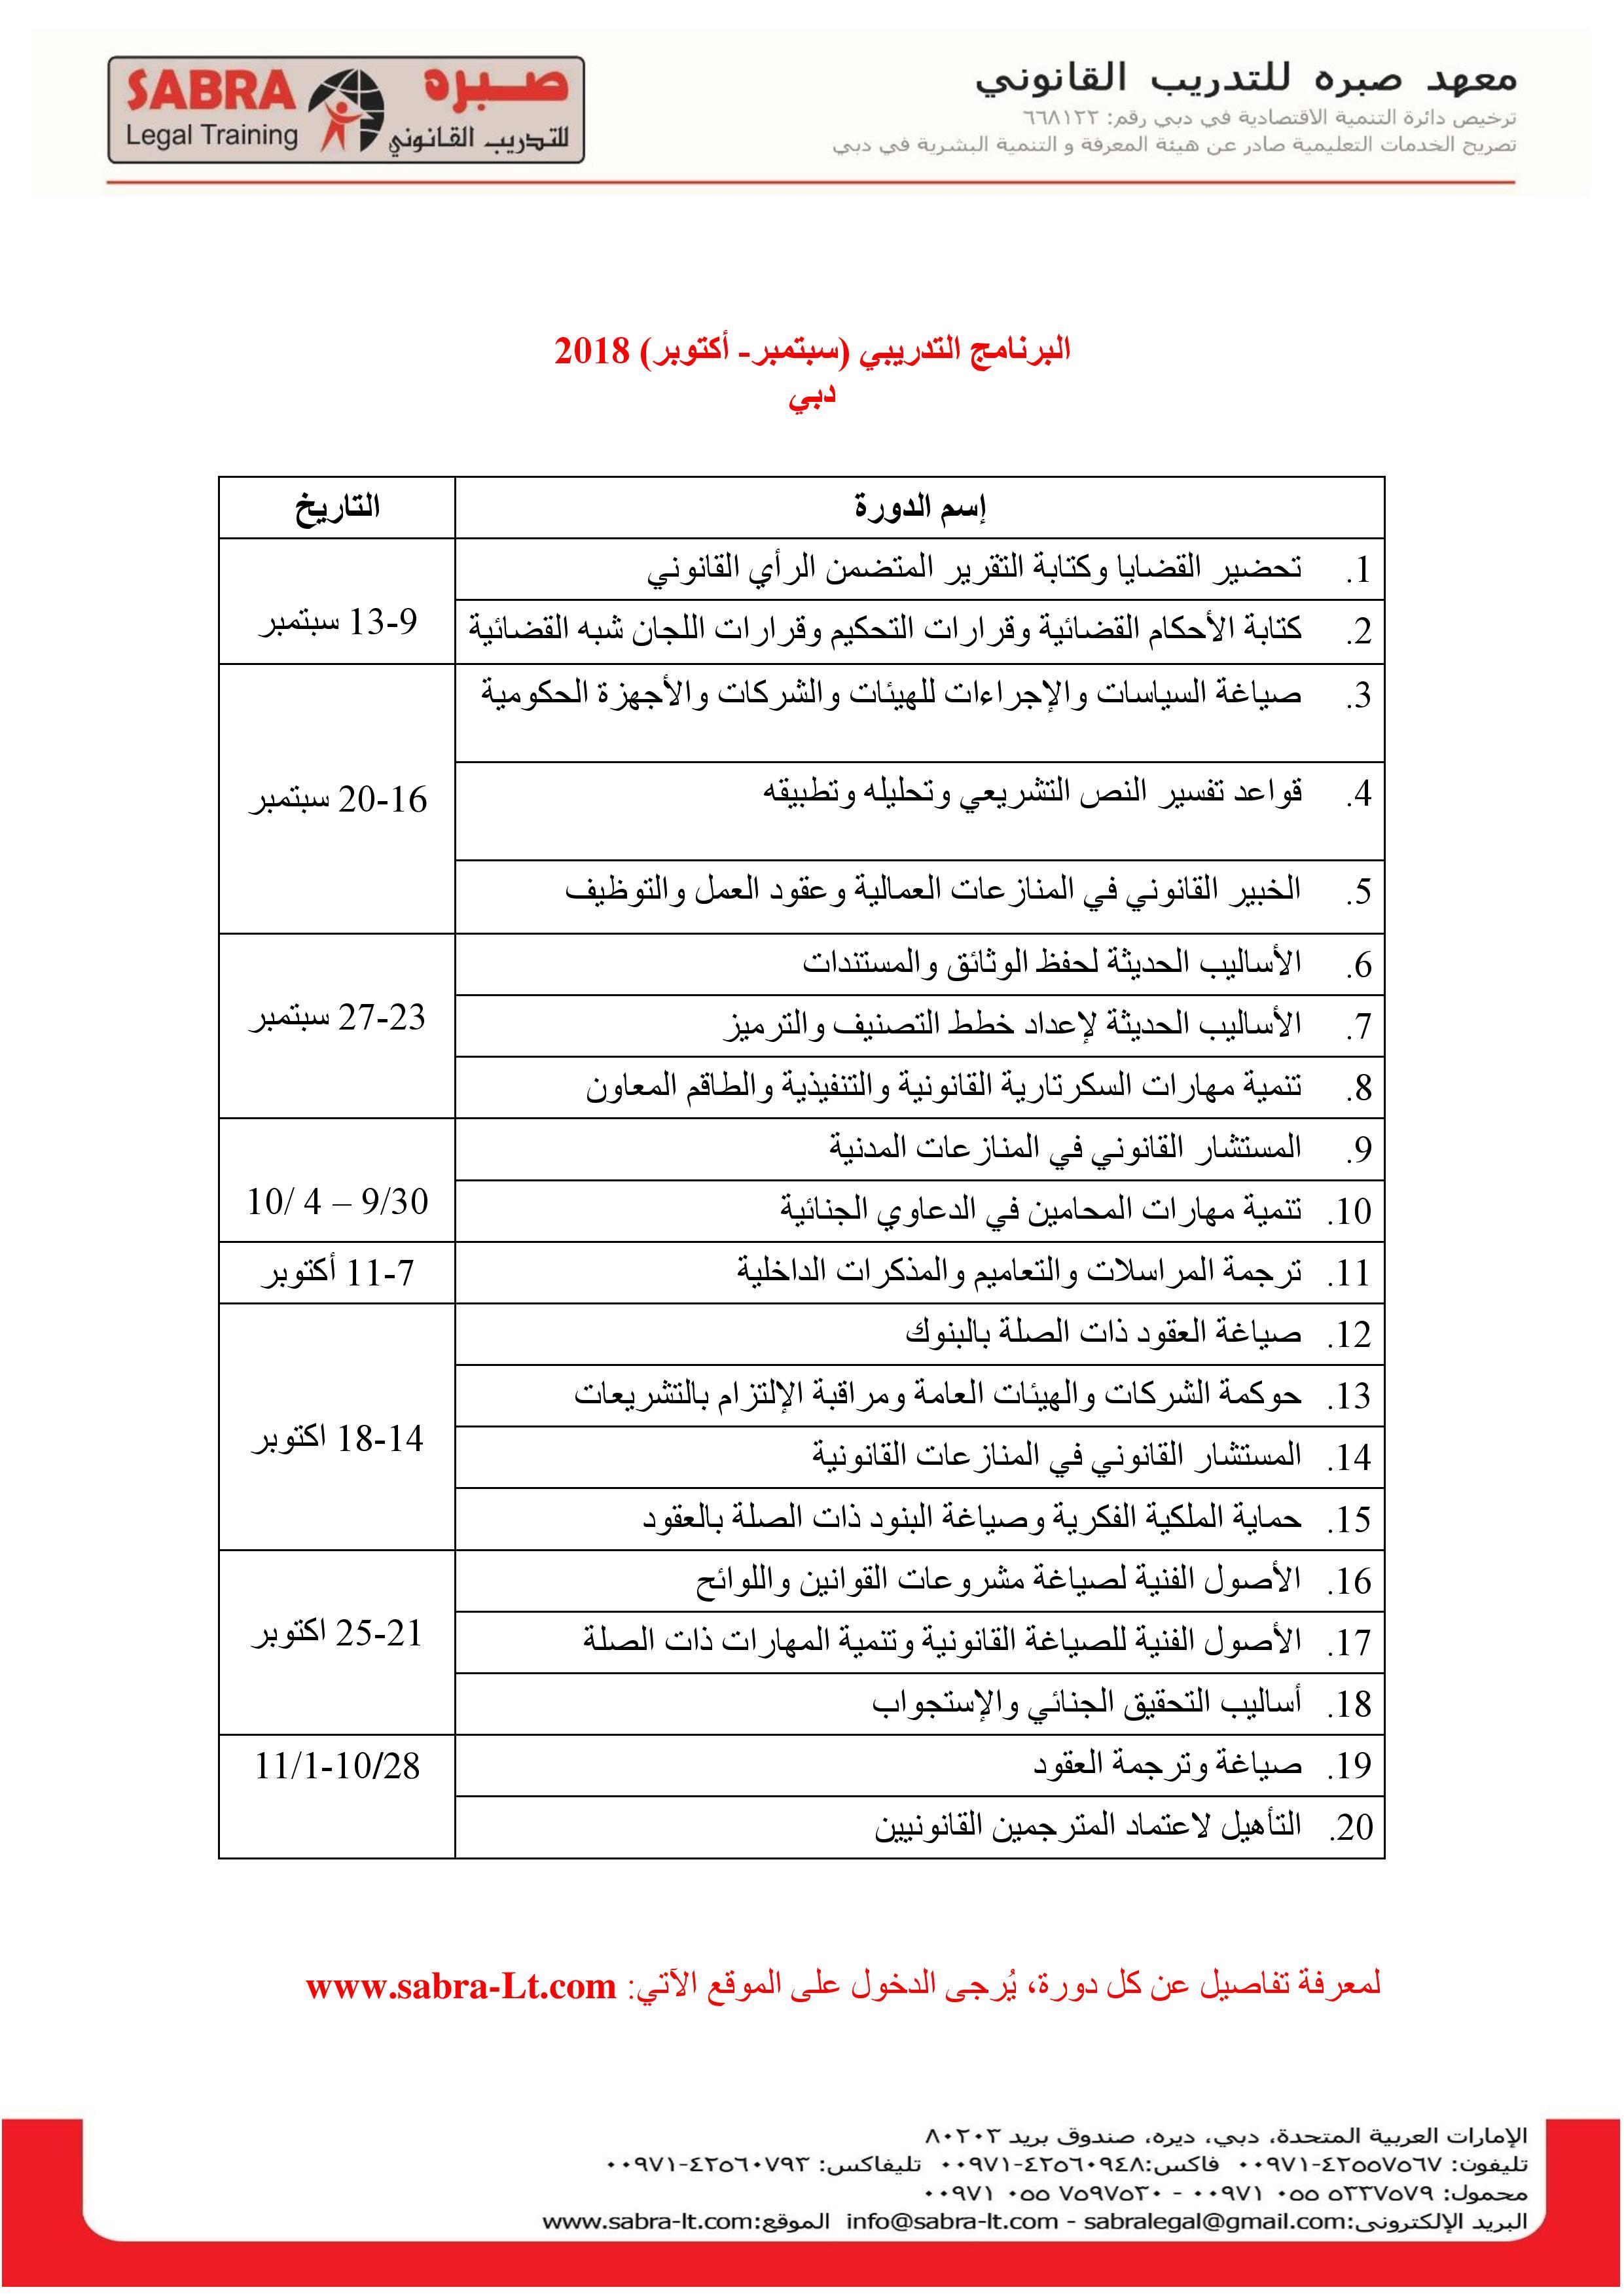 البرنامج التدريبي سبتمبر أكتوبر) 2018